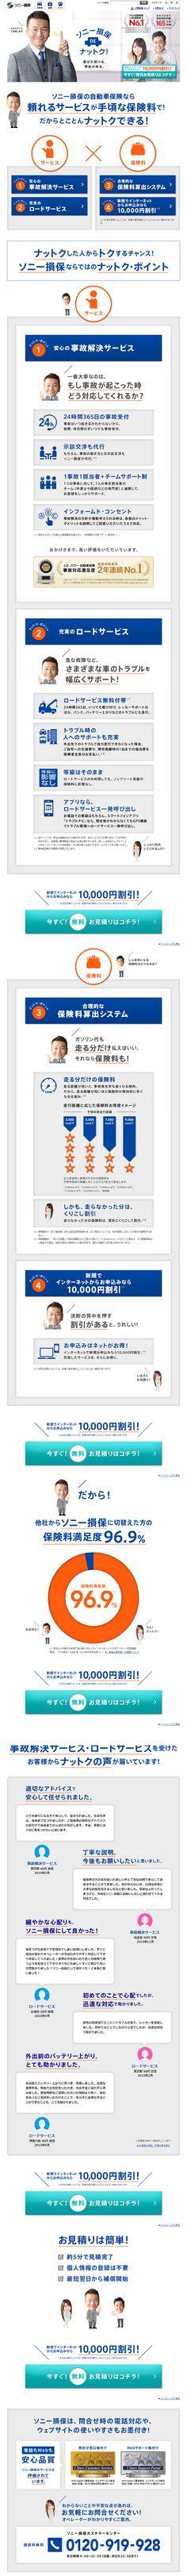 ソニー損保DEナットク!【サービス関連】のLPデザイン。WEBデザイナーさん必見!ランディングページのデザイン参考に(シンプル系)